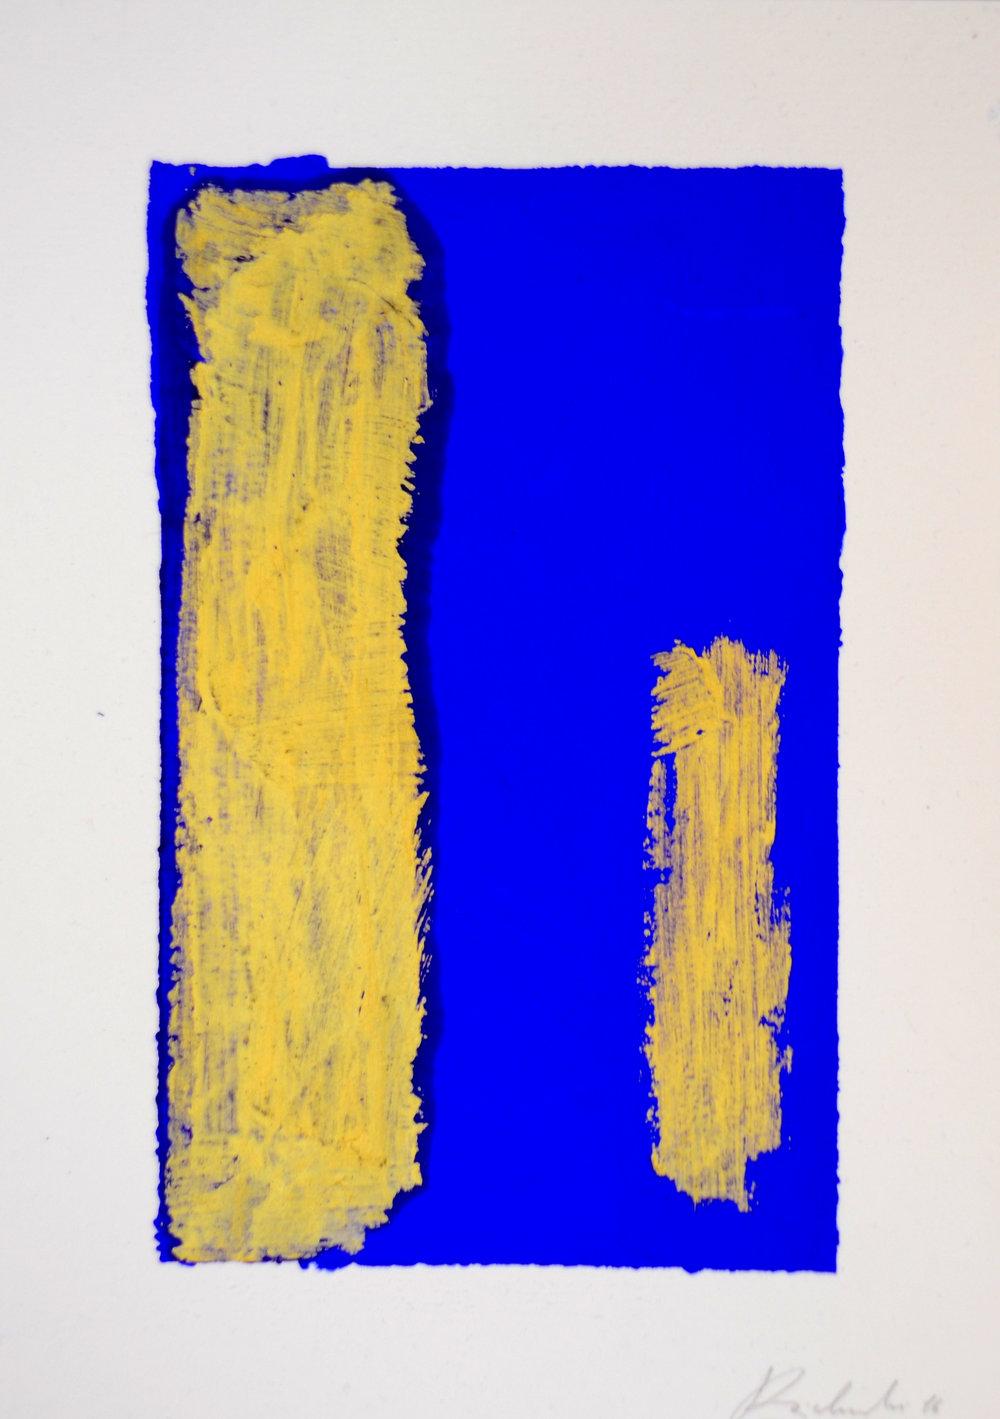 Disegno per un'Annunciazione  - 2016  Pigmento acrilico e oil stick su carta  21 x 14,8 cm  Collezione Privata